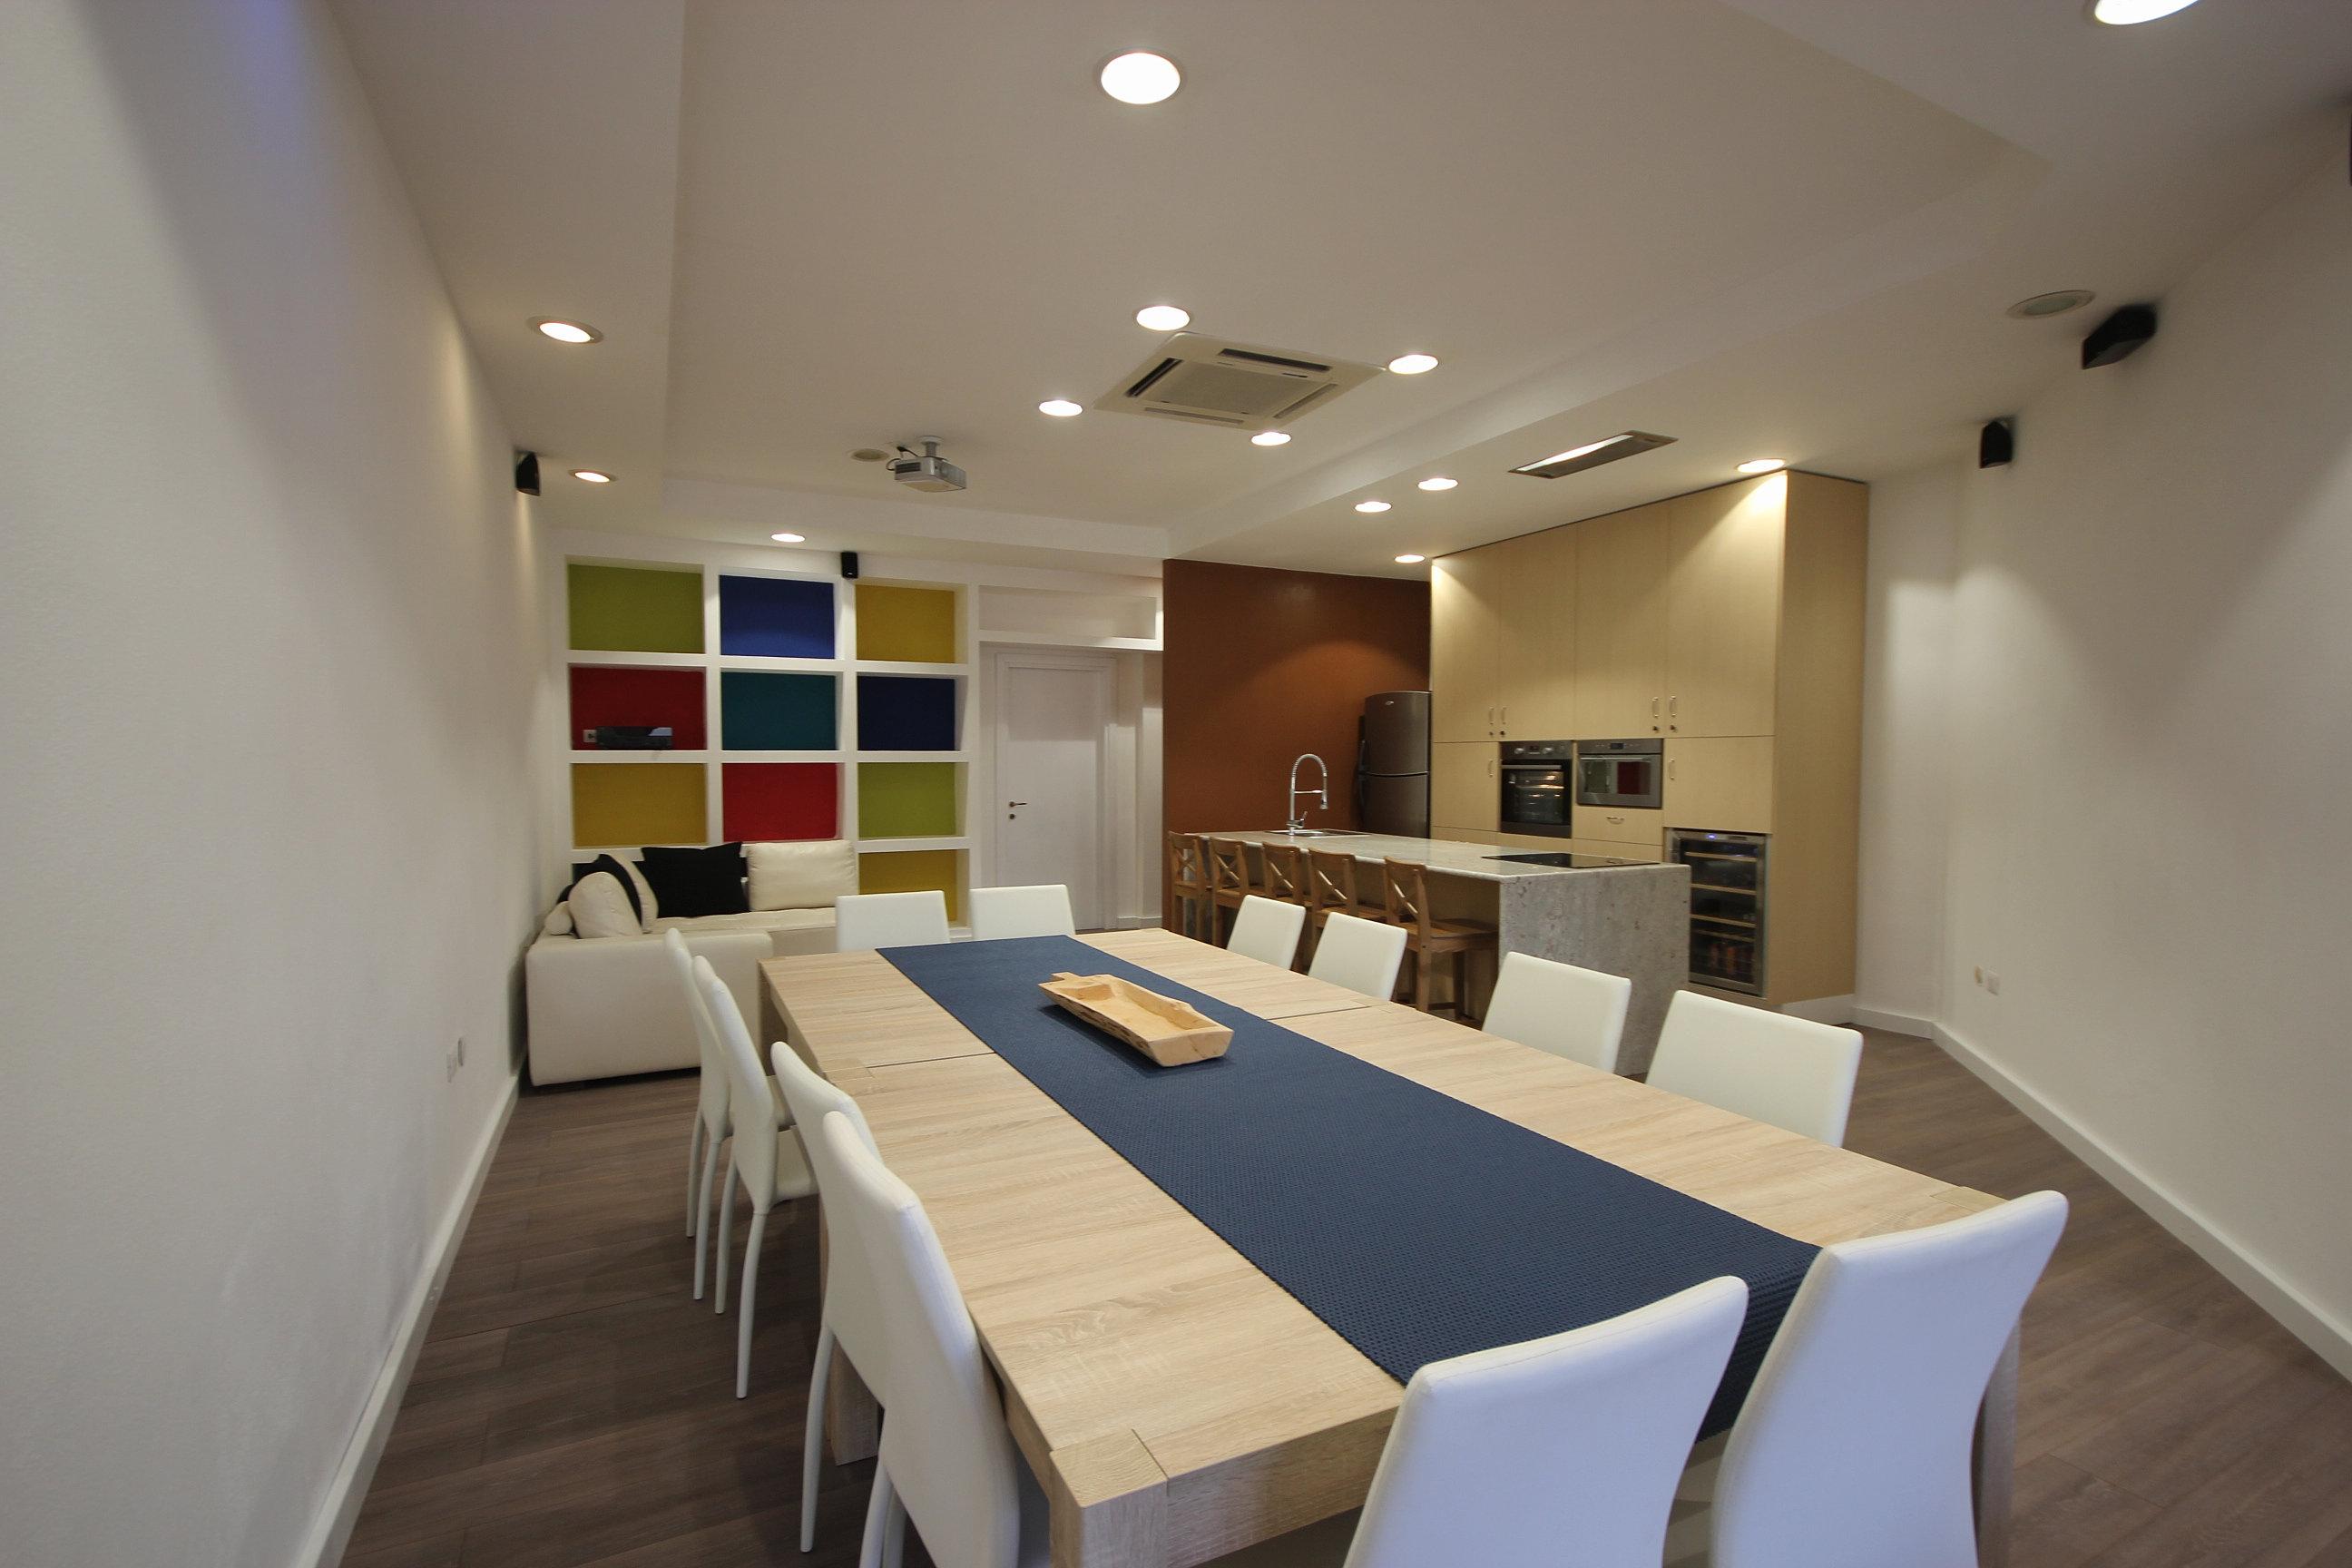 kuko sala allestita in affitto a cagliari sala meeting cagliari per un corso di cucina